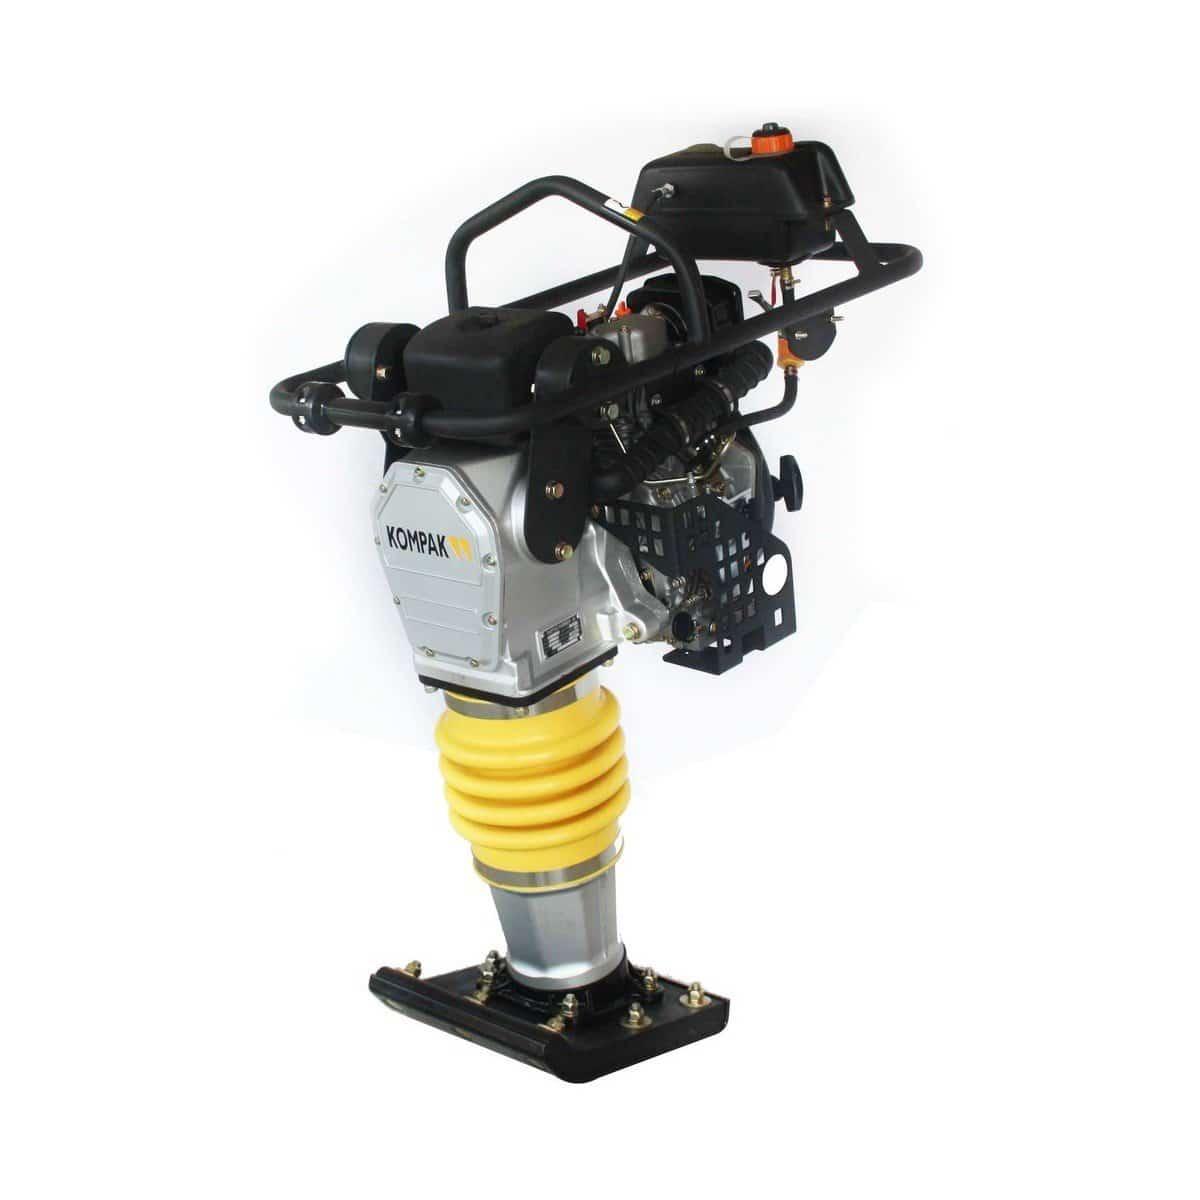 Saltitão compactador LONCIN Kompak CT73PL